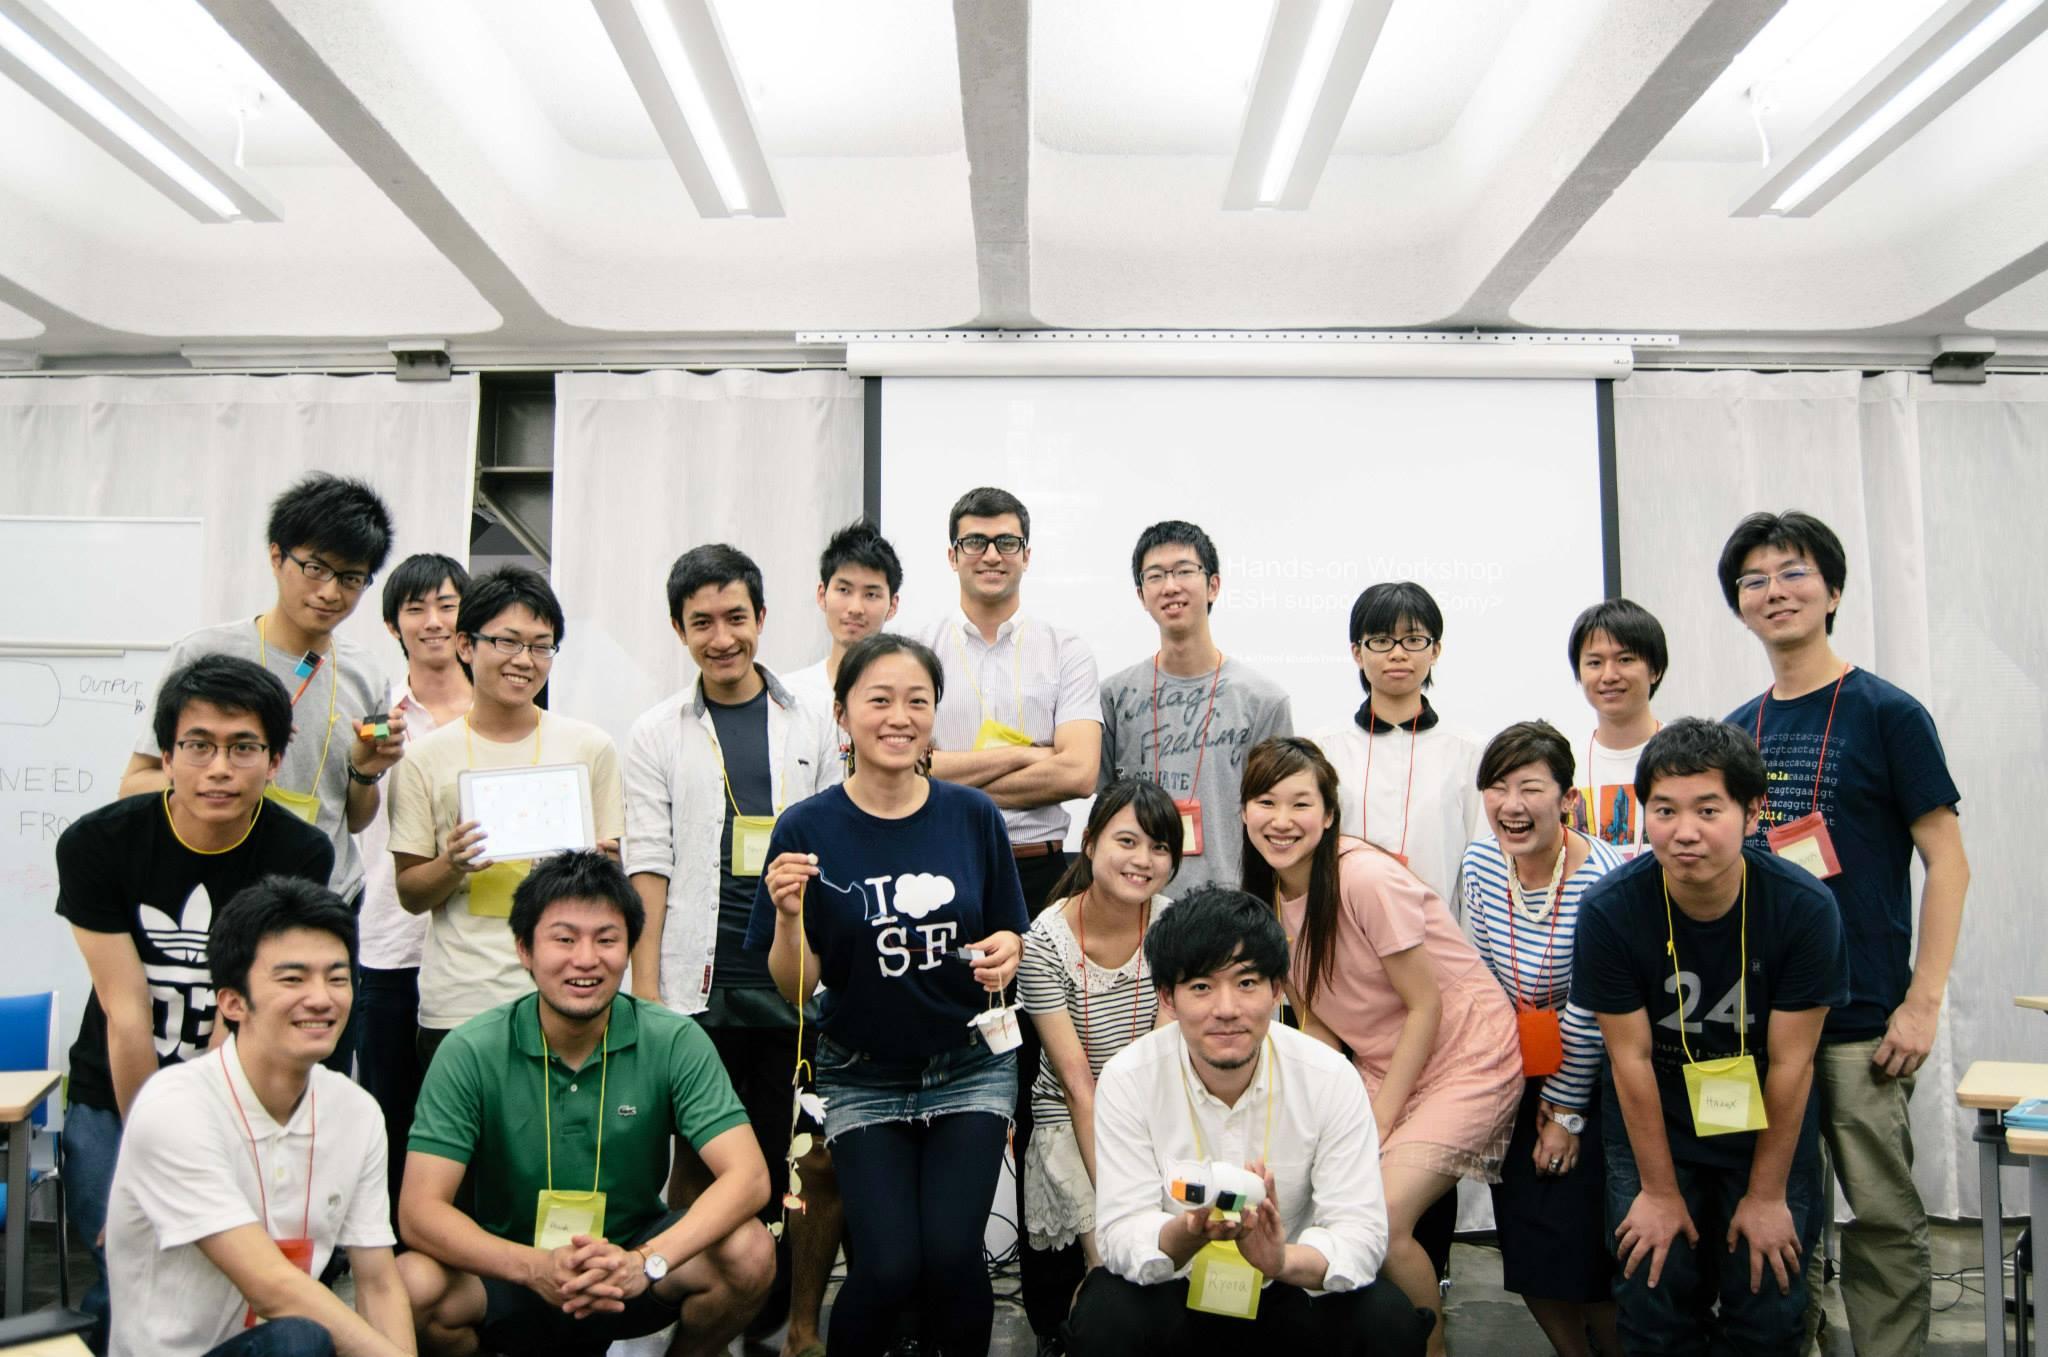 Workshop参加者の皆様と集合写真.